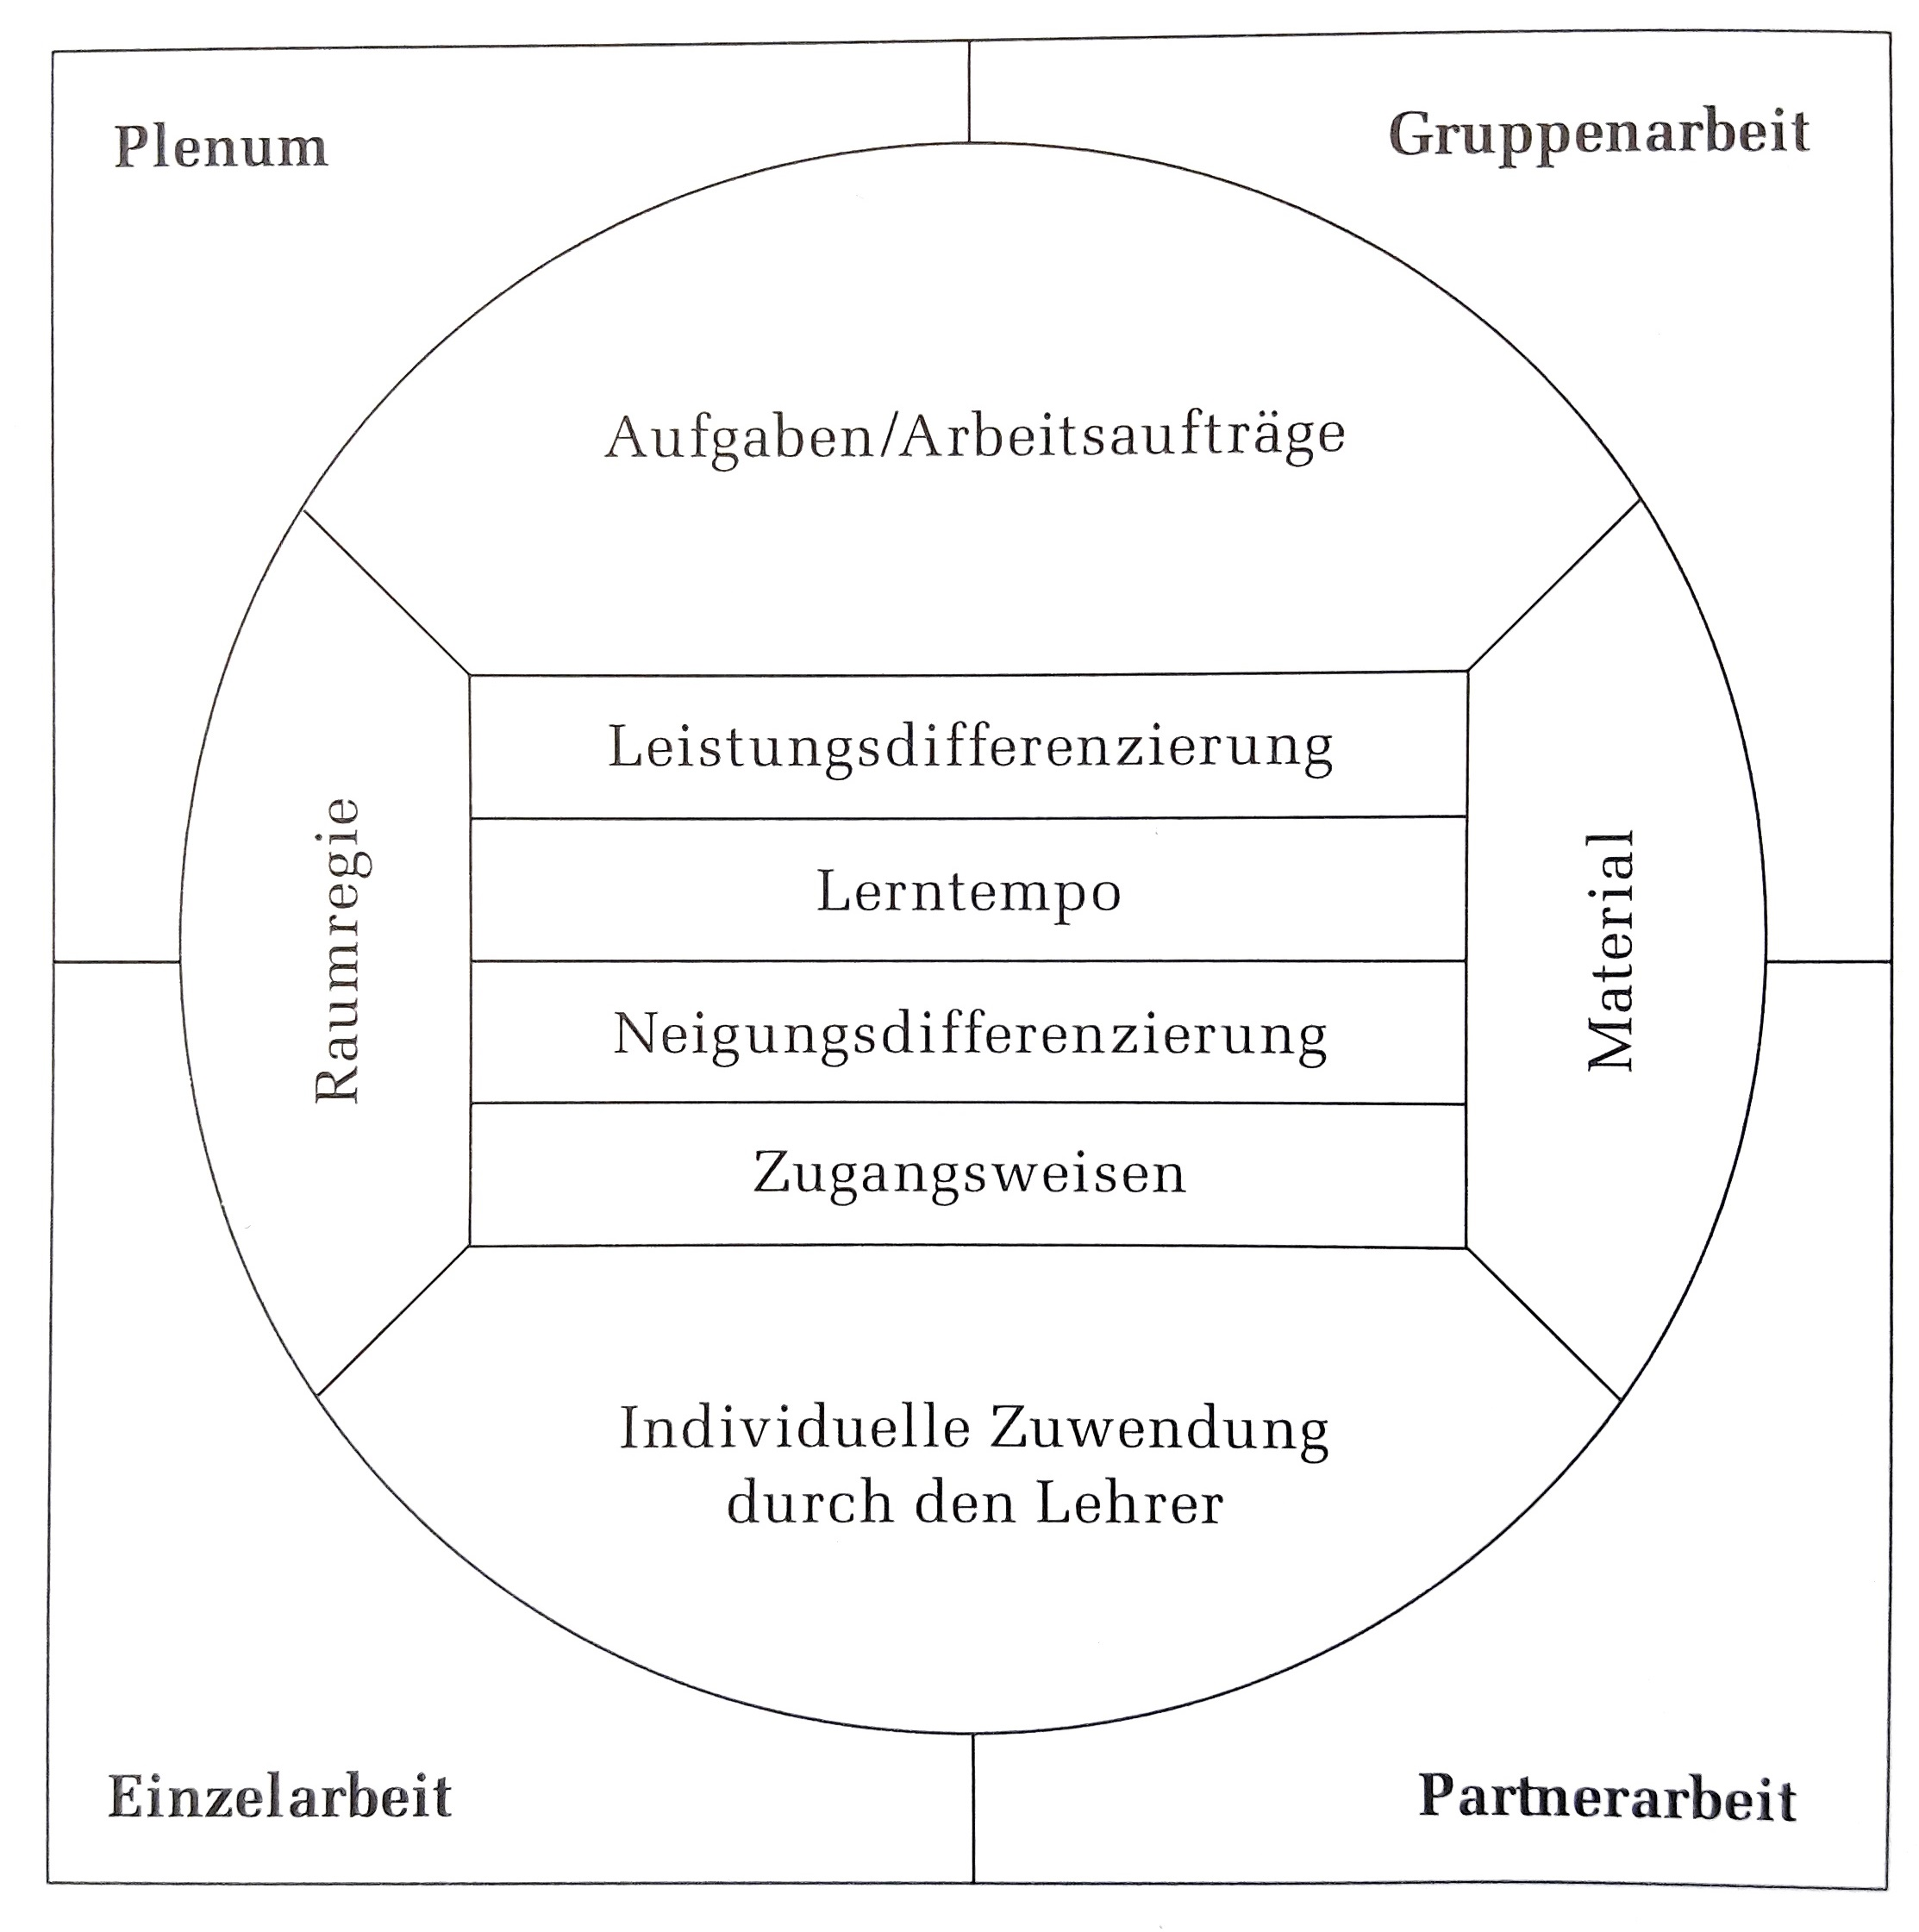 """Die Abbildung zeigt ein Viereck, das in vier gleichgroße Bereiche unterteilt ist. Im Uhrzeigersinn angeordnet, oben links beginnend sind dies die Bereiche """"Plenum"""", """"Gruppenarbeit"""", """"Partnerarbeit"""" und """"Einzelarbeit"""". Mittig in der Abbildung ist ein Kreis angelegt, der in kleine Felder unterteilt ist: Der oberste Bereich des Kreises, der die Bereiche """"Plenum"""" und """"Gruppenarbeit"""" berührt, beinhaltet die Begriffe """"Aufgaben/ Arbeitsaufträge"""", rechts unterhalb ist der Begriff """"Material"""" eingeführt, der die Bereiche """"Gruppenarbeit"""" und """"Partnerarbeit"""" berührt. Der unterste Bereich des Kreises ist beschriftet mit """"Individuelle Zuwendung durch den Lehrer"""" und berührt die Bereiche """"Partnerarbeit"""" und """"Einzelarbeit"""". Links oberhalb befindet sich der Bereich """"Raumregie"""" und dieser berührt die Bereiche """"Einzelarbeit"""" und """"Plenum"""". Im Zentrum des Kreises befinden sich die vier Begriffe """"Leistungsdifferenzierung"""", """"Lerntempo"""", """"Neigungsdifferenzierung"""" und """"Zugangsweisen""""."""